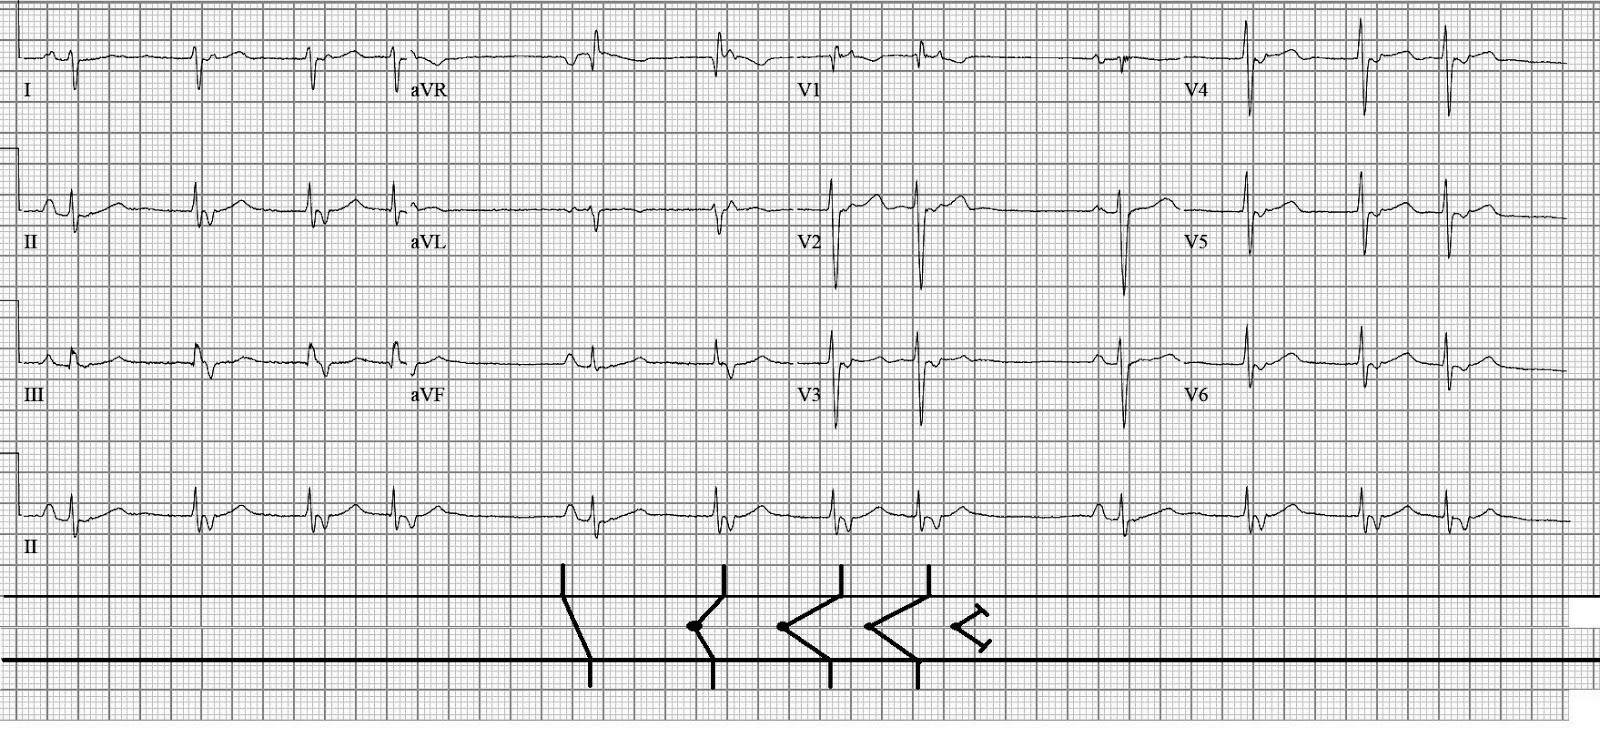 ECG Rhythms: Another irregular rhythm with a pattern